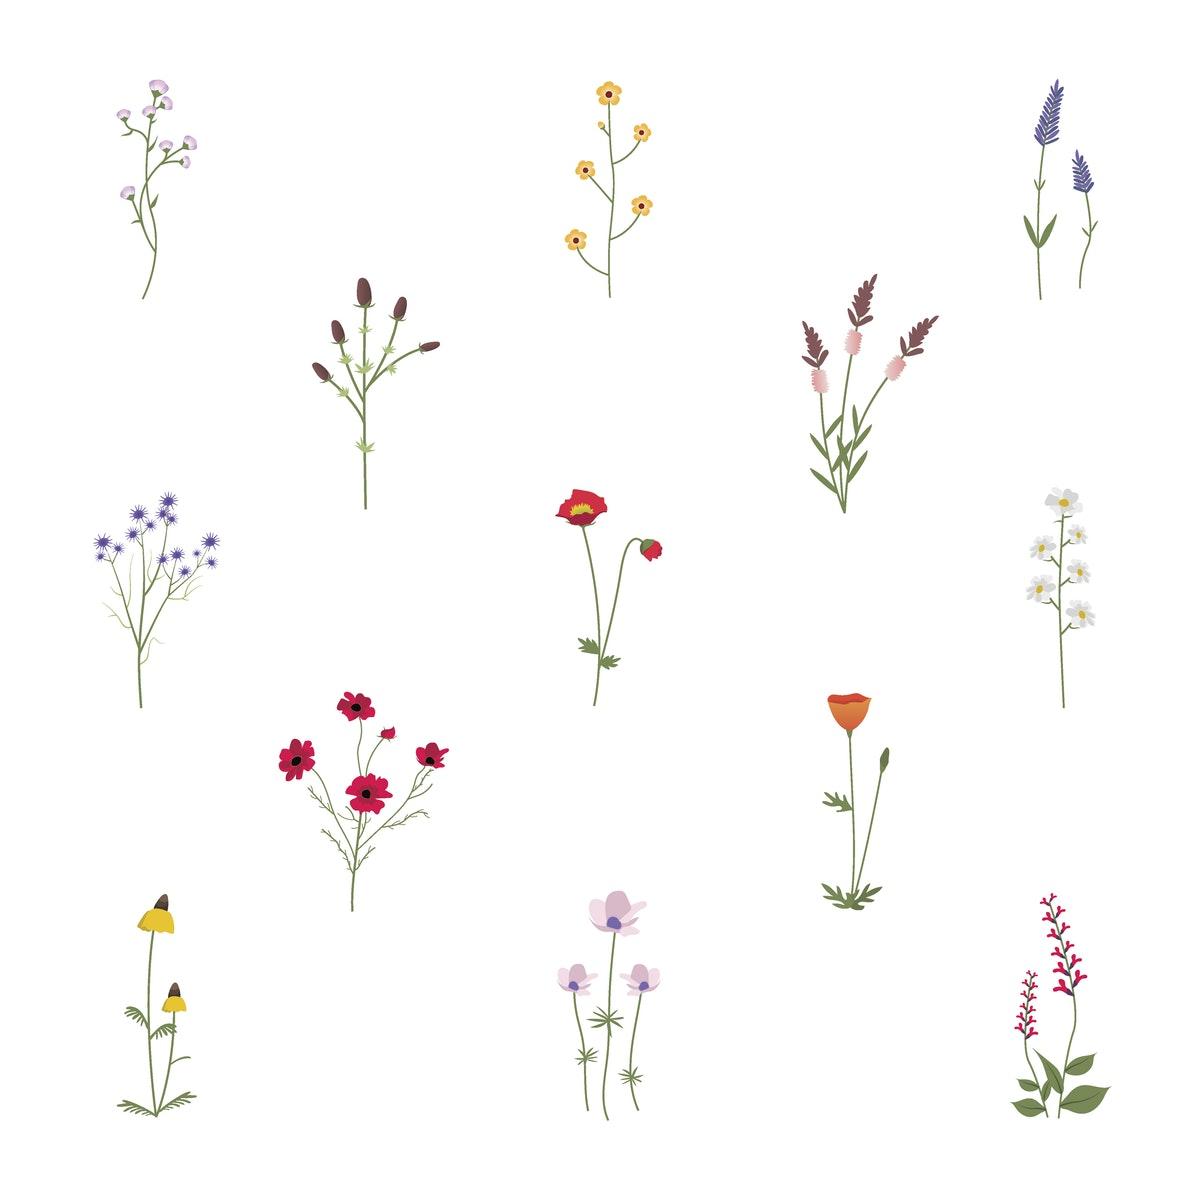 Vorlesegeschichte für Kinder: Frühling